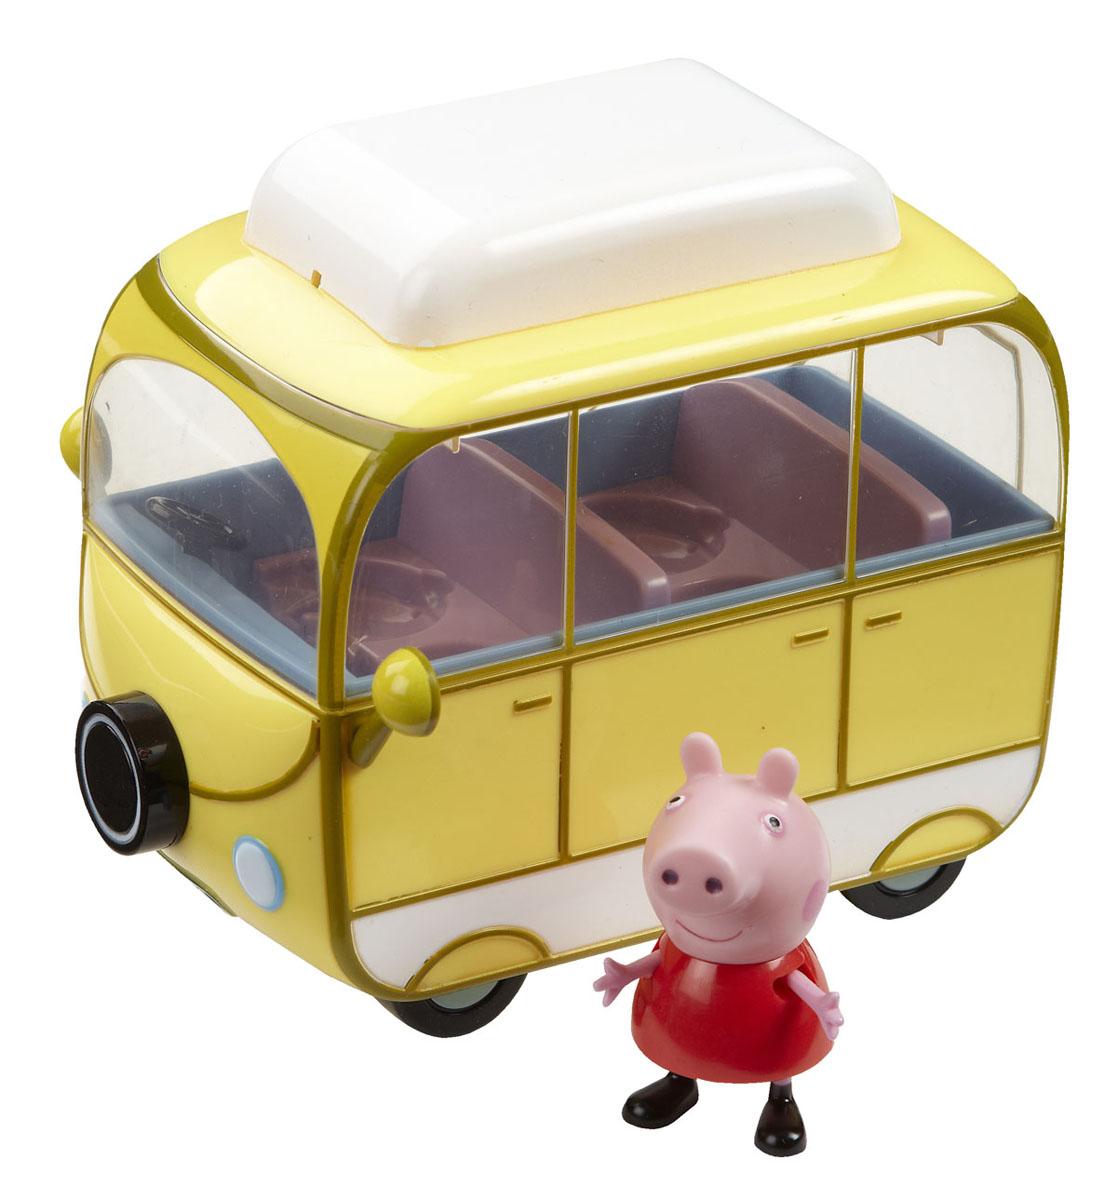 Игровой набор Peppa Pig Веселый кемпинг15561Мультфильм «Свинка Пеппа» настолько обожаем малышами, что они ждут каждую его серию с огромным нетерпением. А с игровым набором «Веселый кемпинг» можно, не дожидаясь новых приключений героев, создавать их самим! Пеппа приезжает за город на пикник, вытаскивает сидения из машинки и, поджарив шашлык на мангале, уютно располагается на природе за столиком. Пепа - это веселая свинка, которая любит играть со своим братиком и друзьями, обожает прыгать по лужам и наряжаться. Игровой набор Peppa Pig Веселый кемпинг содержит автомобиль-фургон со съемной крышей и четырьмя сидениями, столик для пикника и фигурку свинки Пеппы с подвижными ручками ножками. Во время такой сюжетно-ролевой игры у ребенка отрабатываются навыки общения, вырабатываются семейные и общечеловеческие ценности, развиваются кругозор, словарный запас и воображение. И все это сопровождается бурным восторгом от увлекательной игры с любимыми персонажами, которые могут сидеть, стоять, двигать ручками и ножками! ...